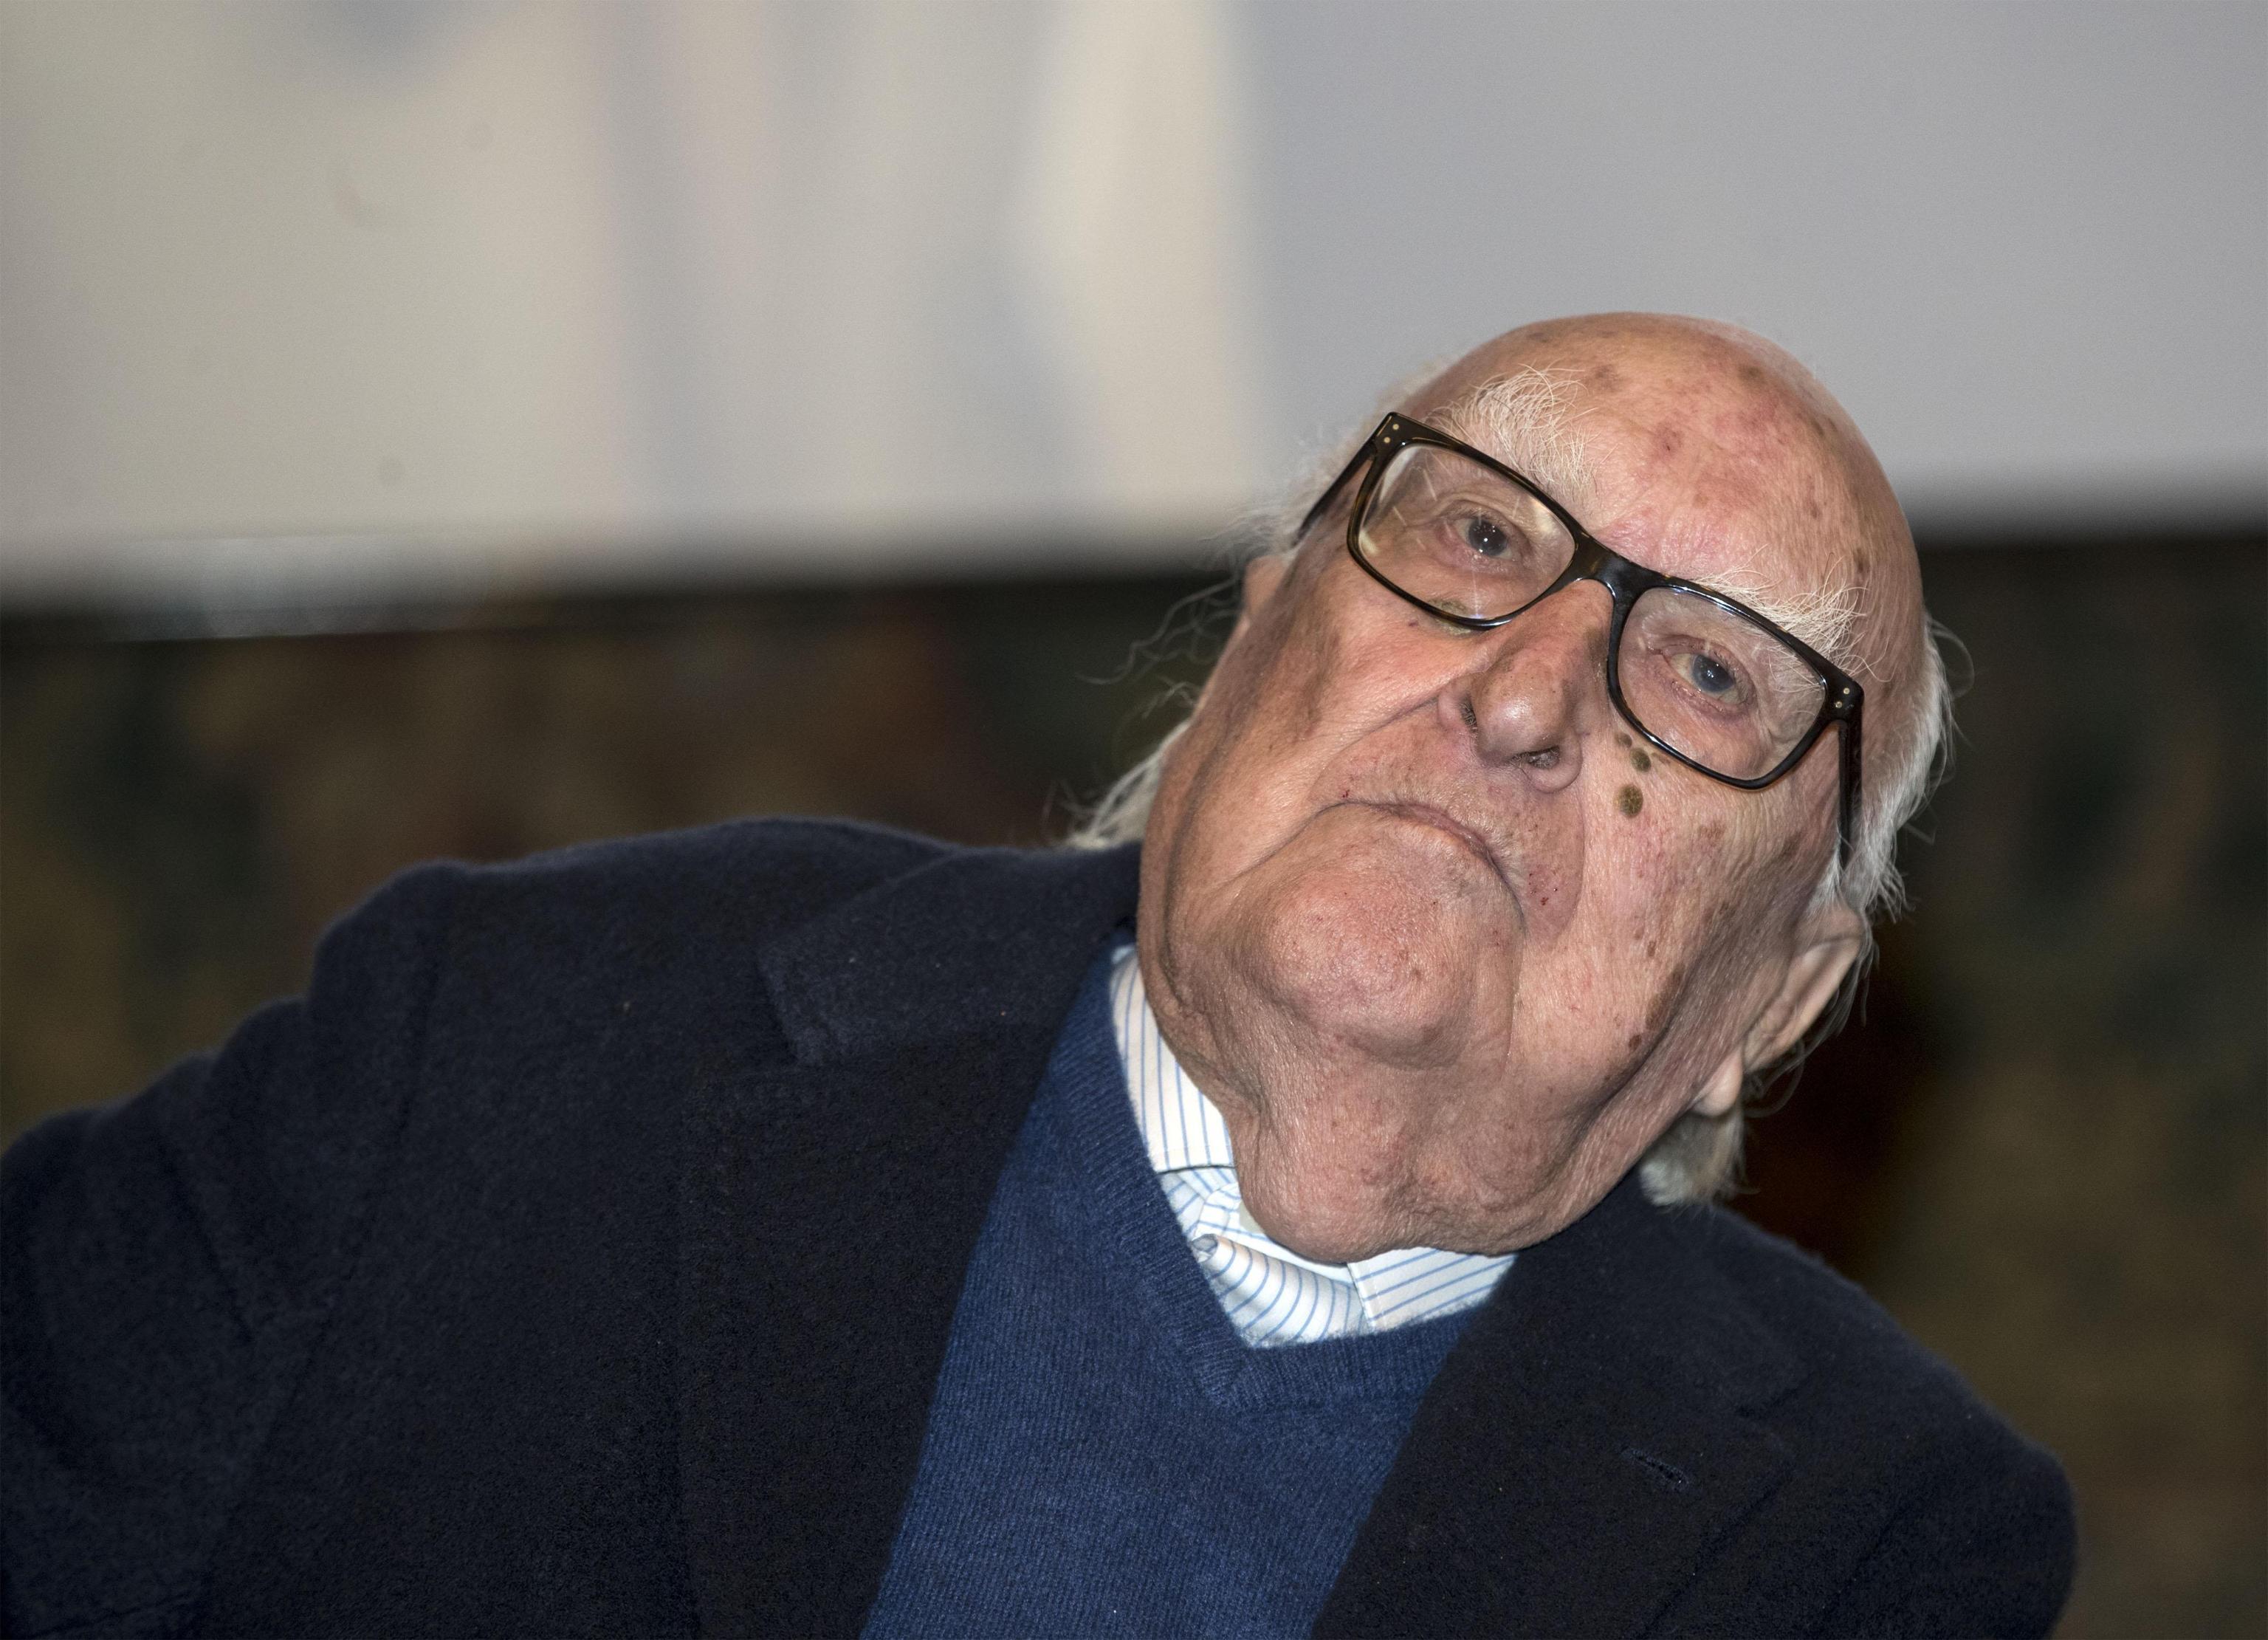 Andrea Camilleri Compie 93 Anni Autori Gli Augurano Di Scrivere